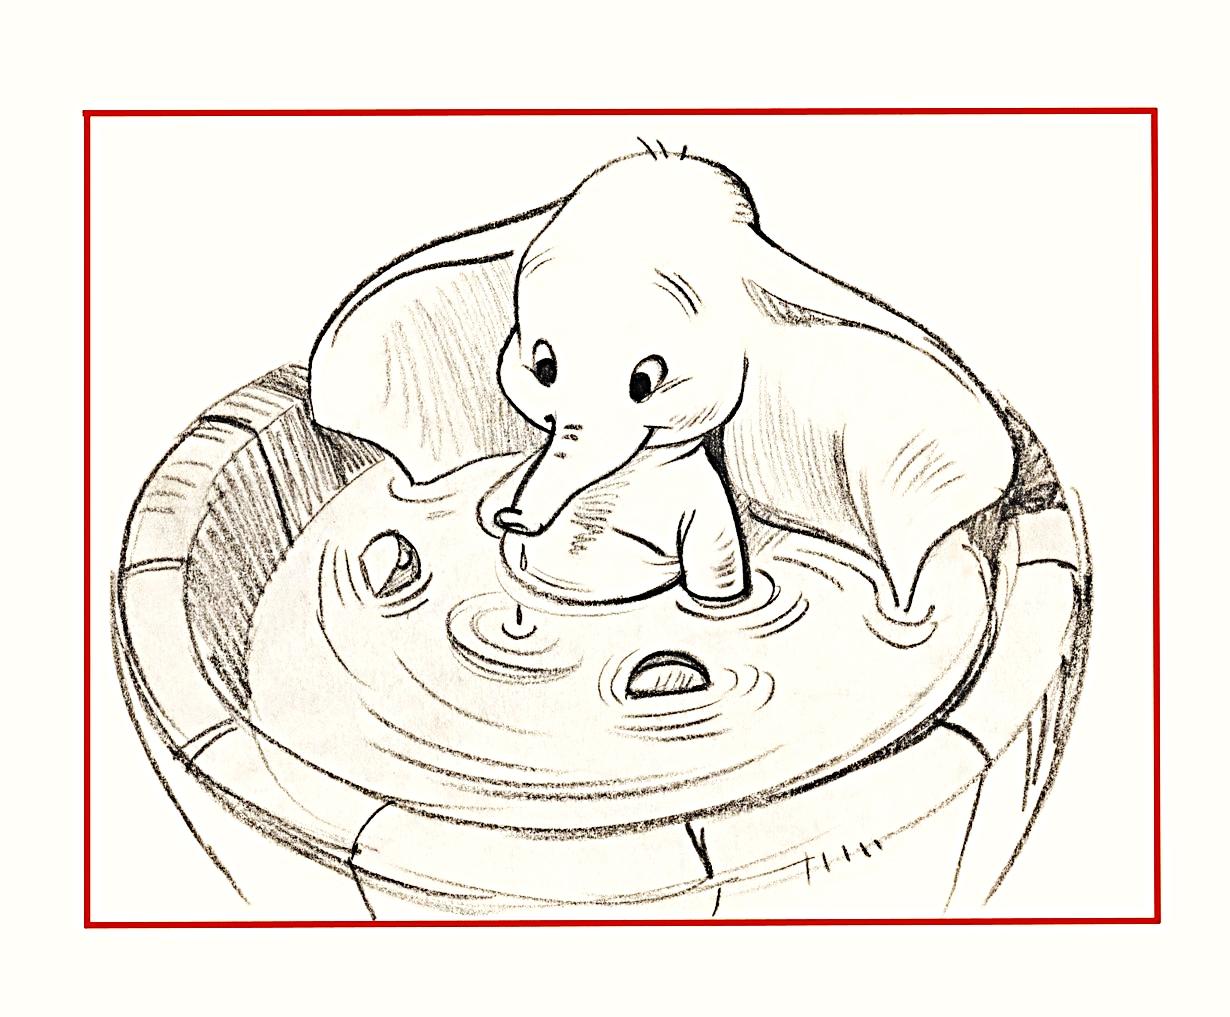 Walt 디즈니 Sketches - Dumbo